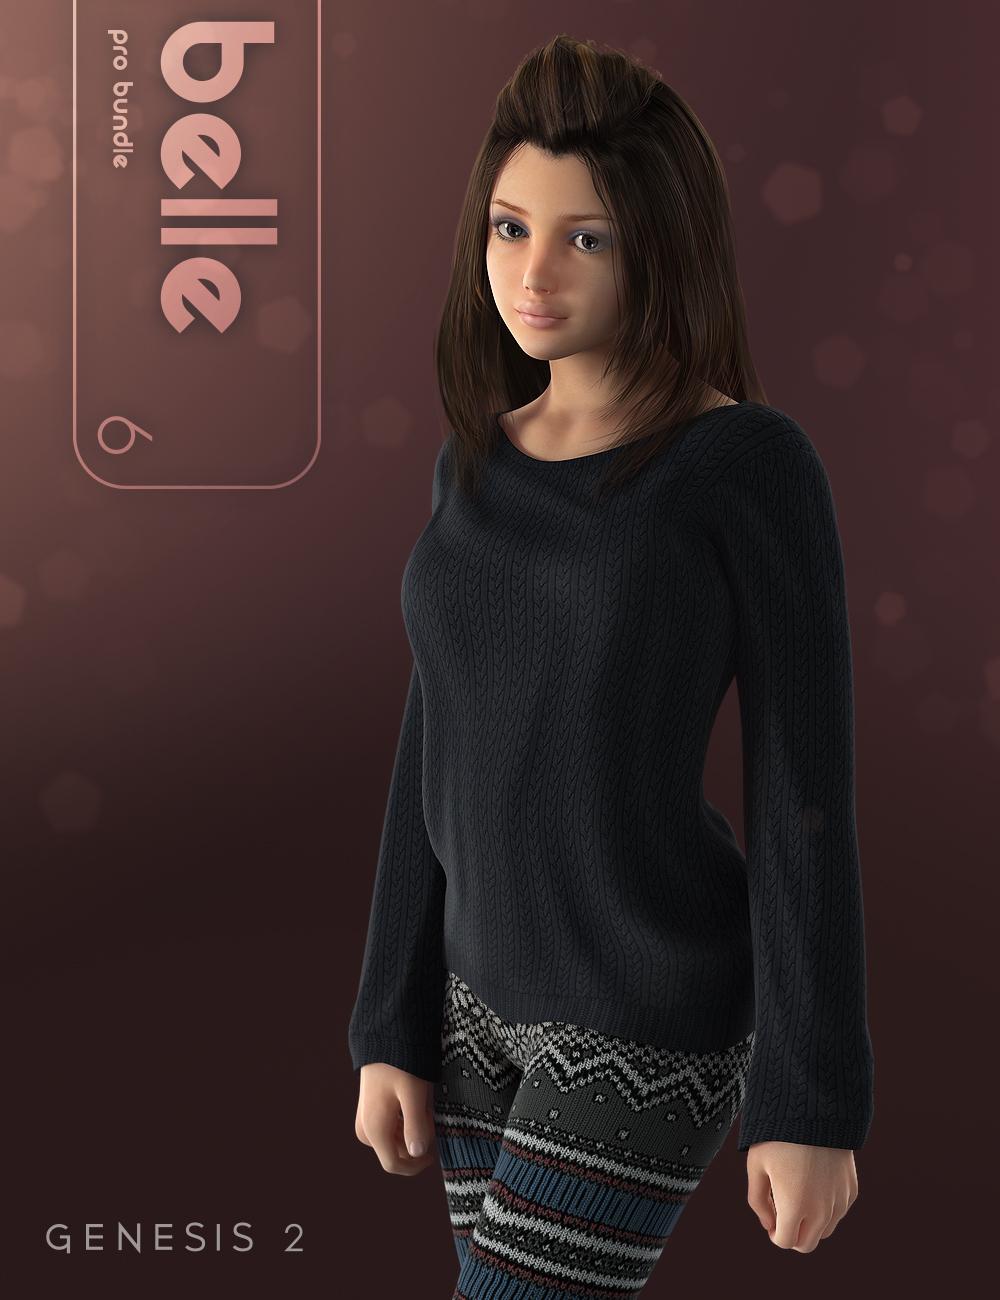 Belle 6 Pro Bundle by: , 3D Models by Daz 3D